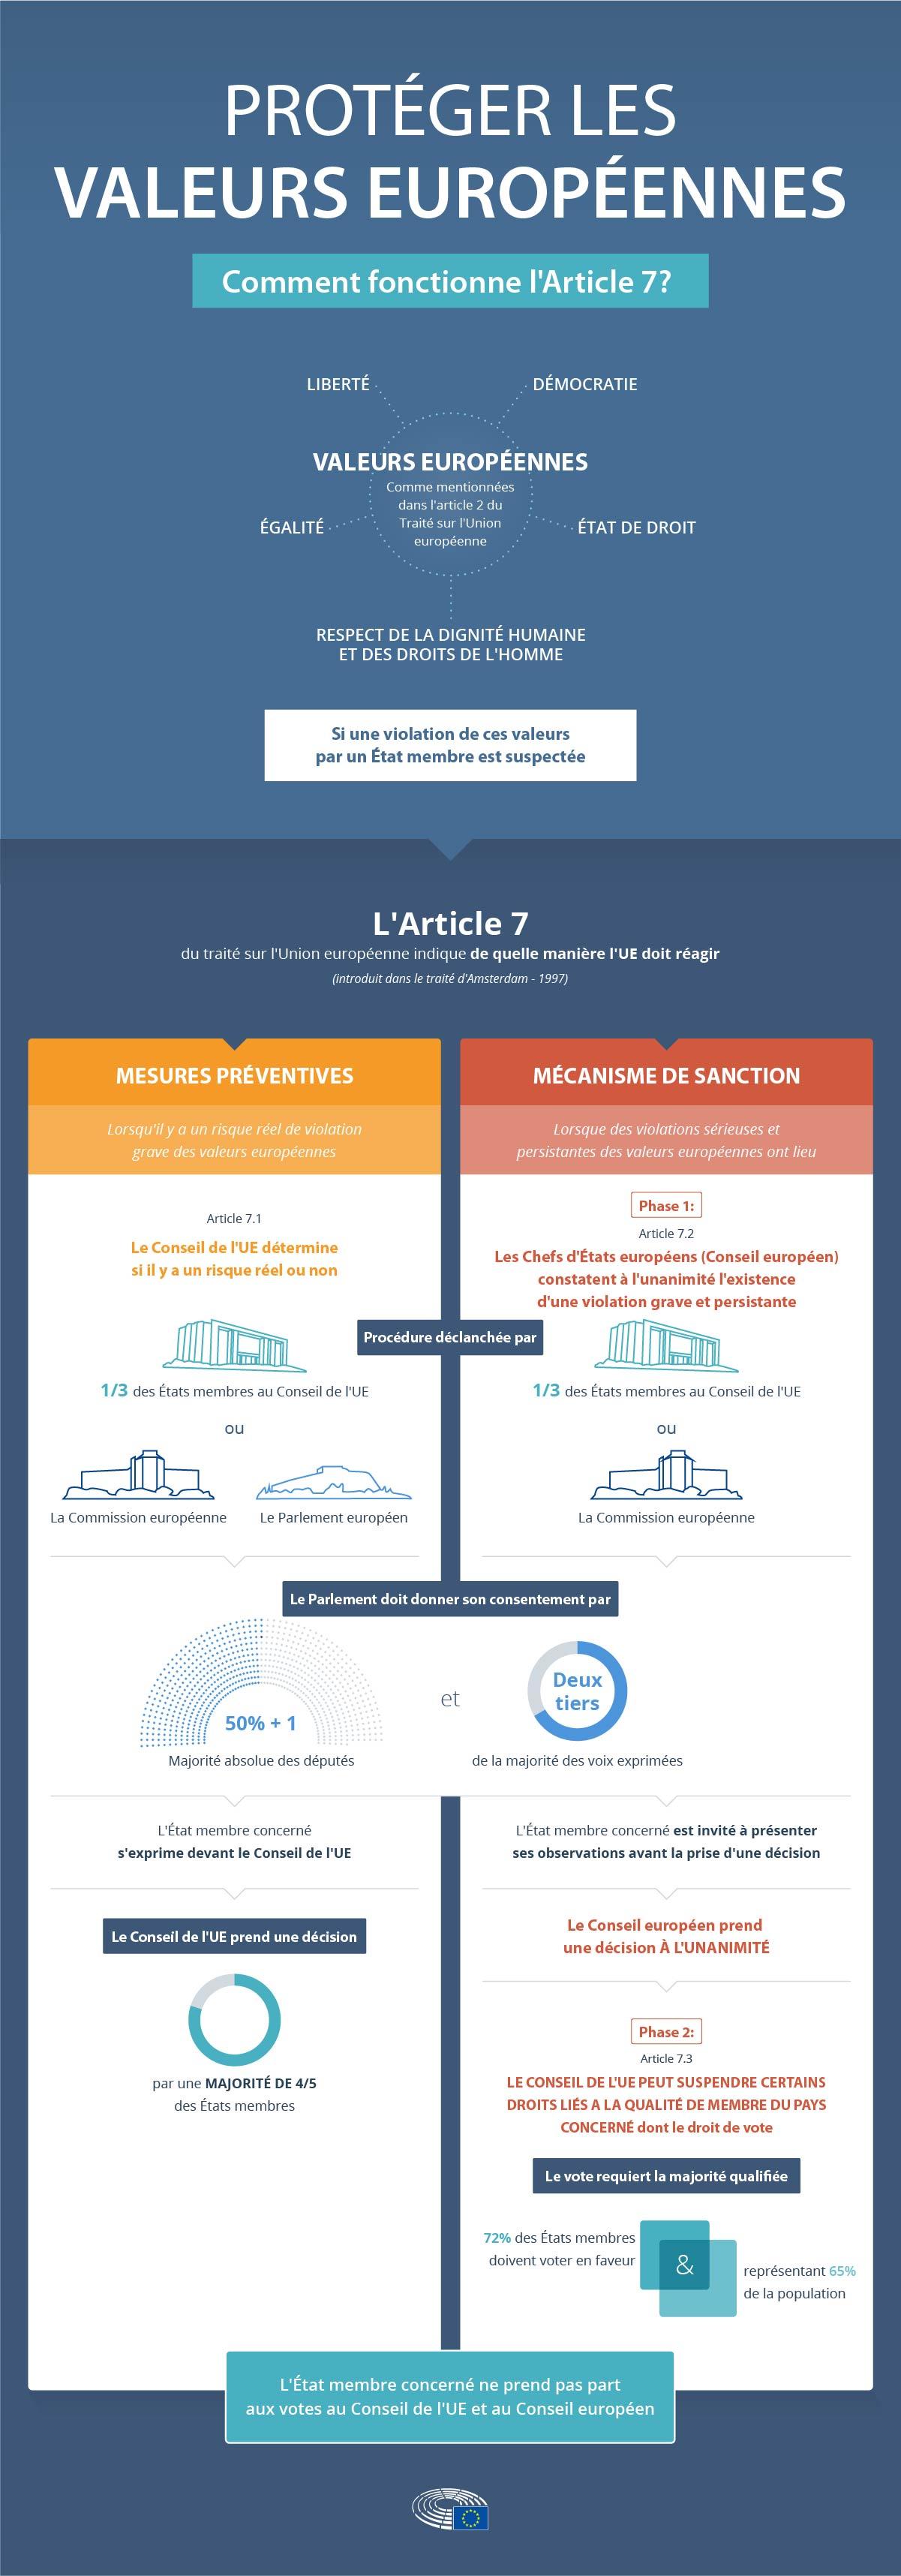 Etat De Droit Comment Fonctionne L Article 7 Infographie Actualite Parlement Europeen